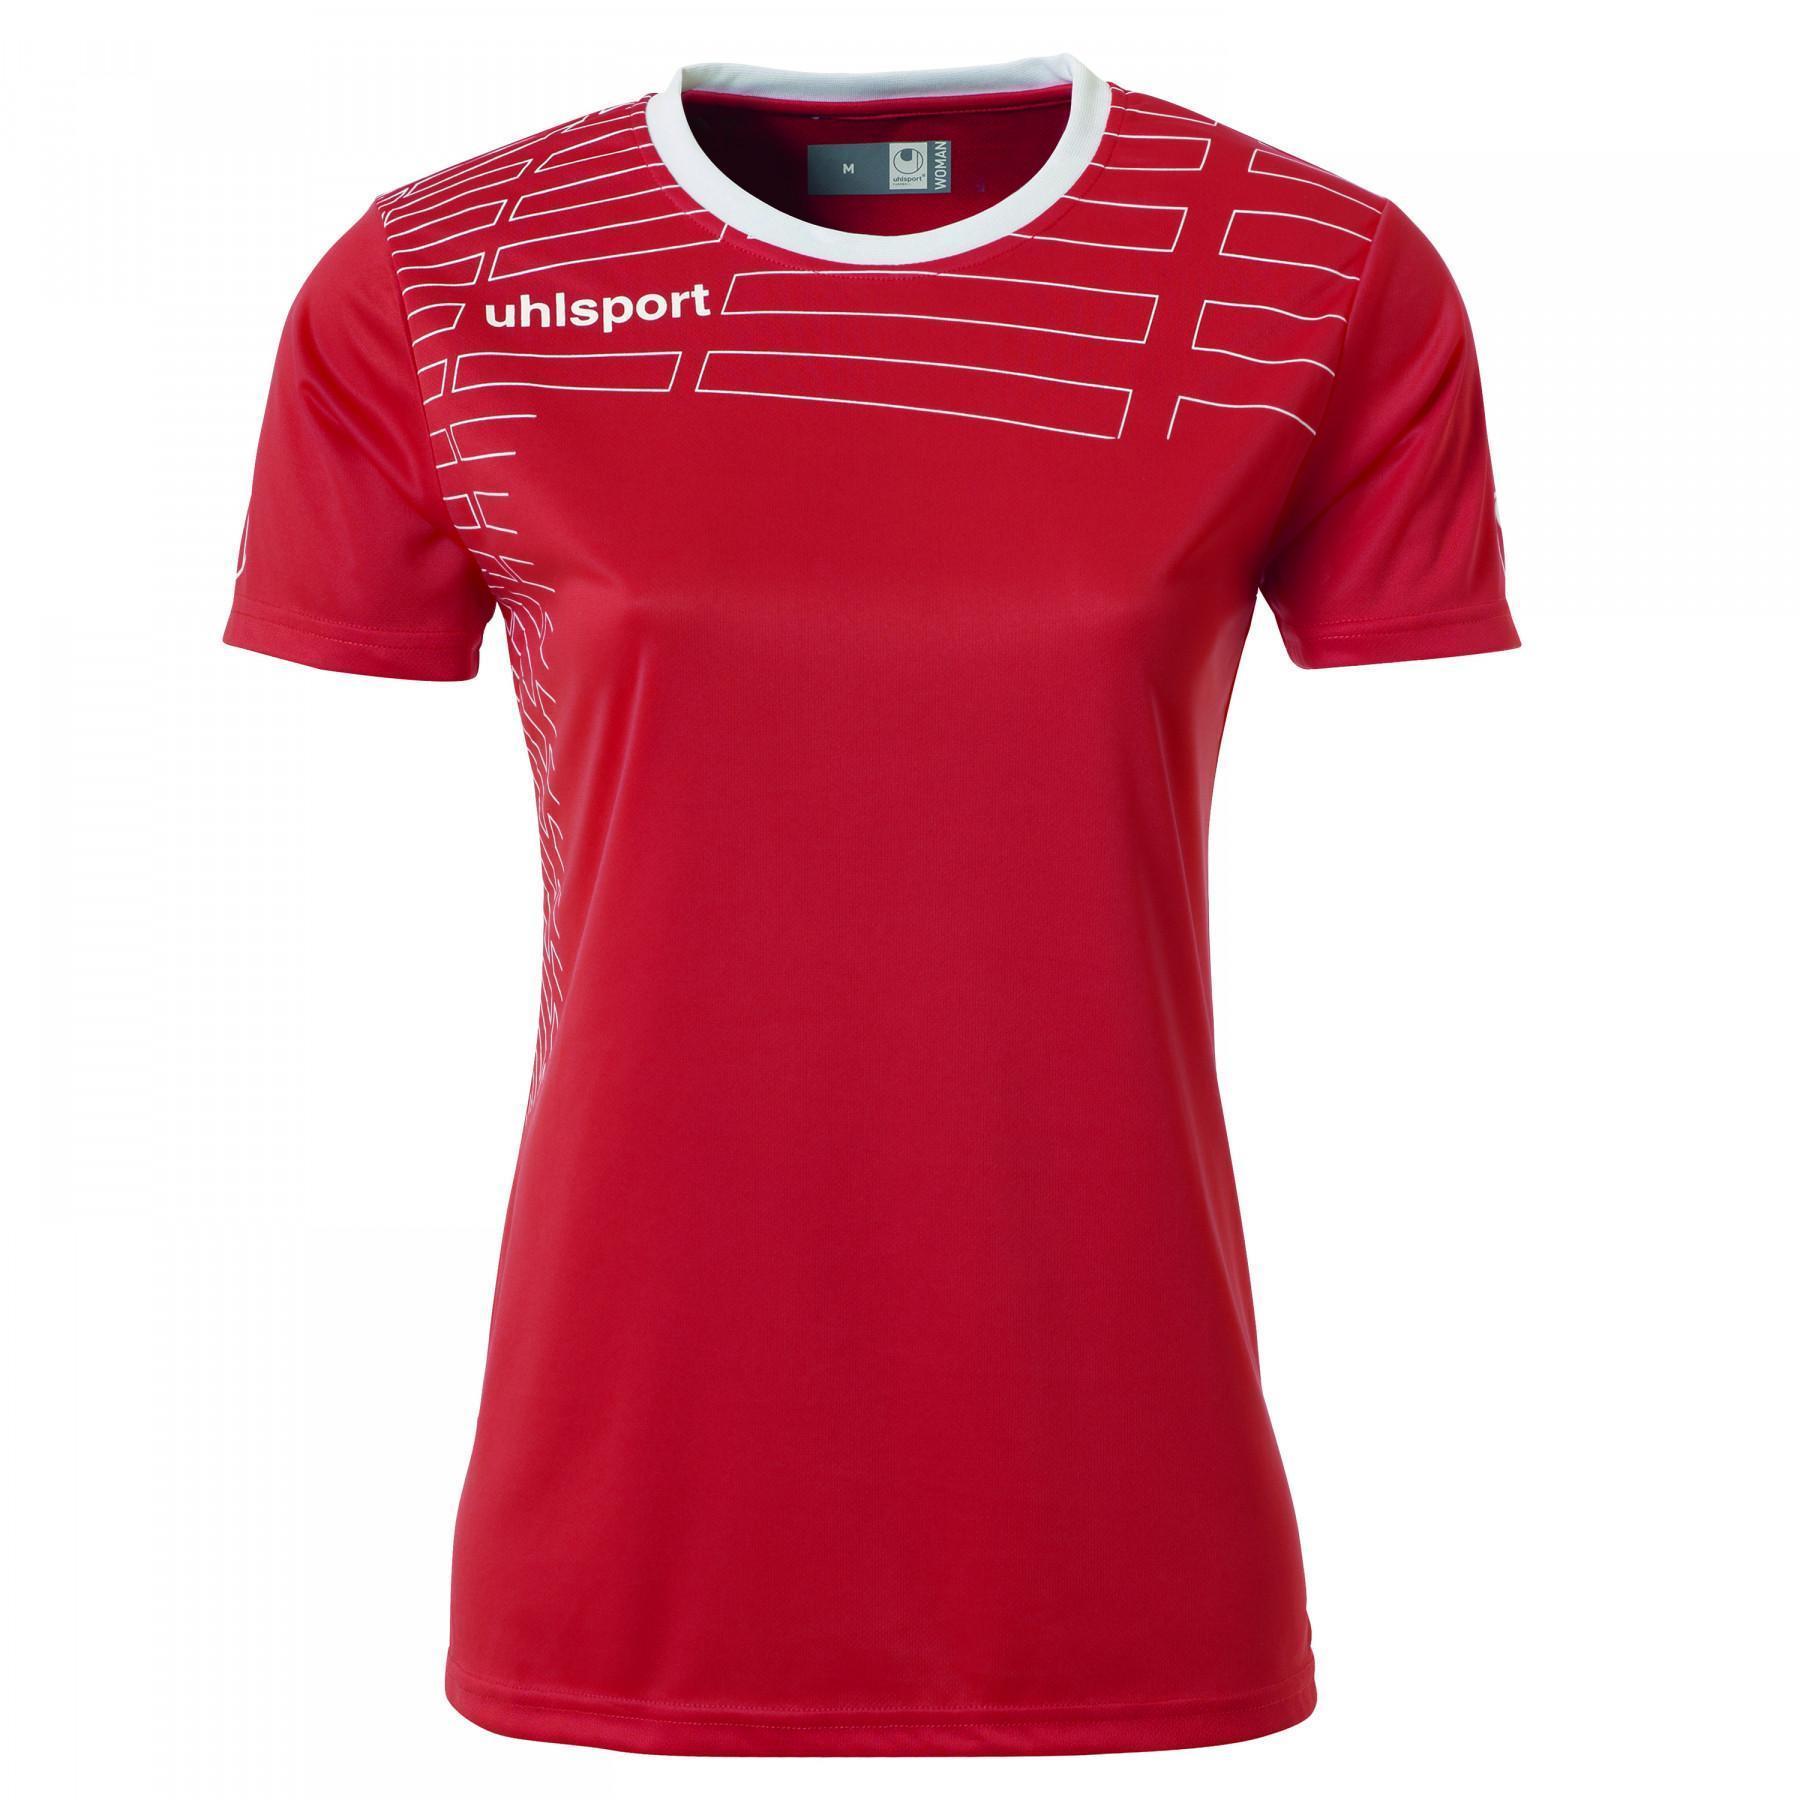 Kit jersey + shorts woman Uhlsport Team Kit